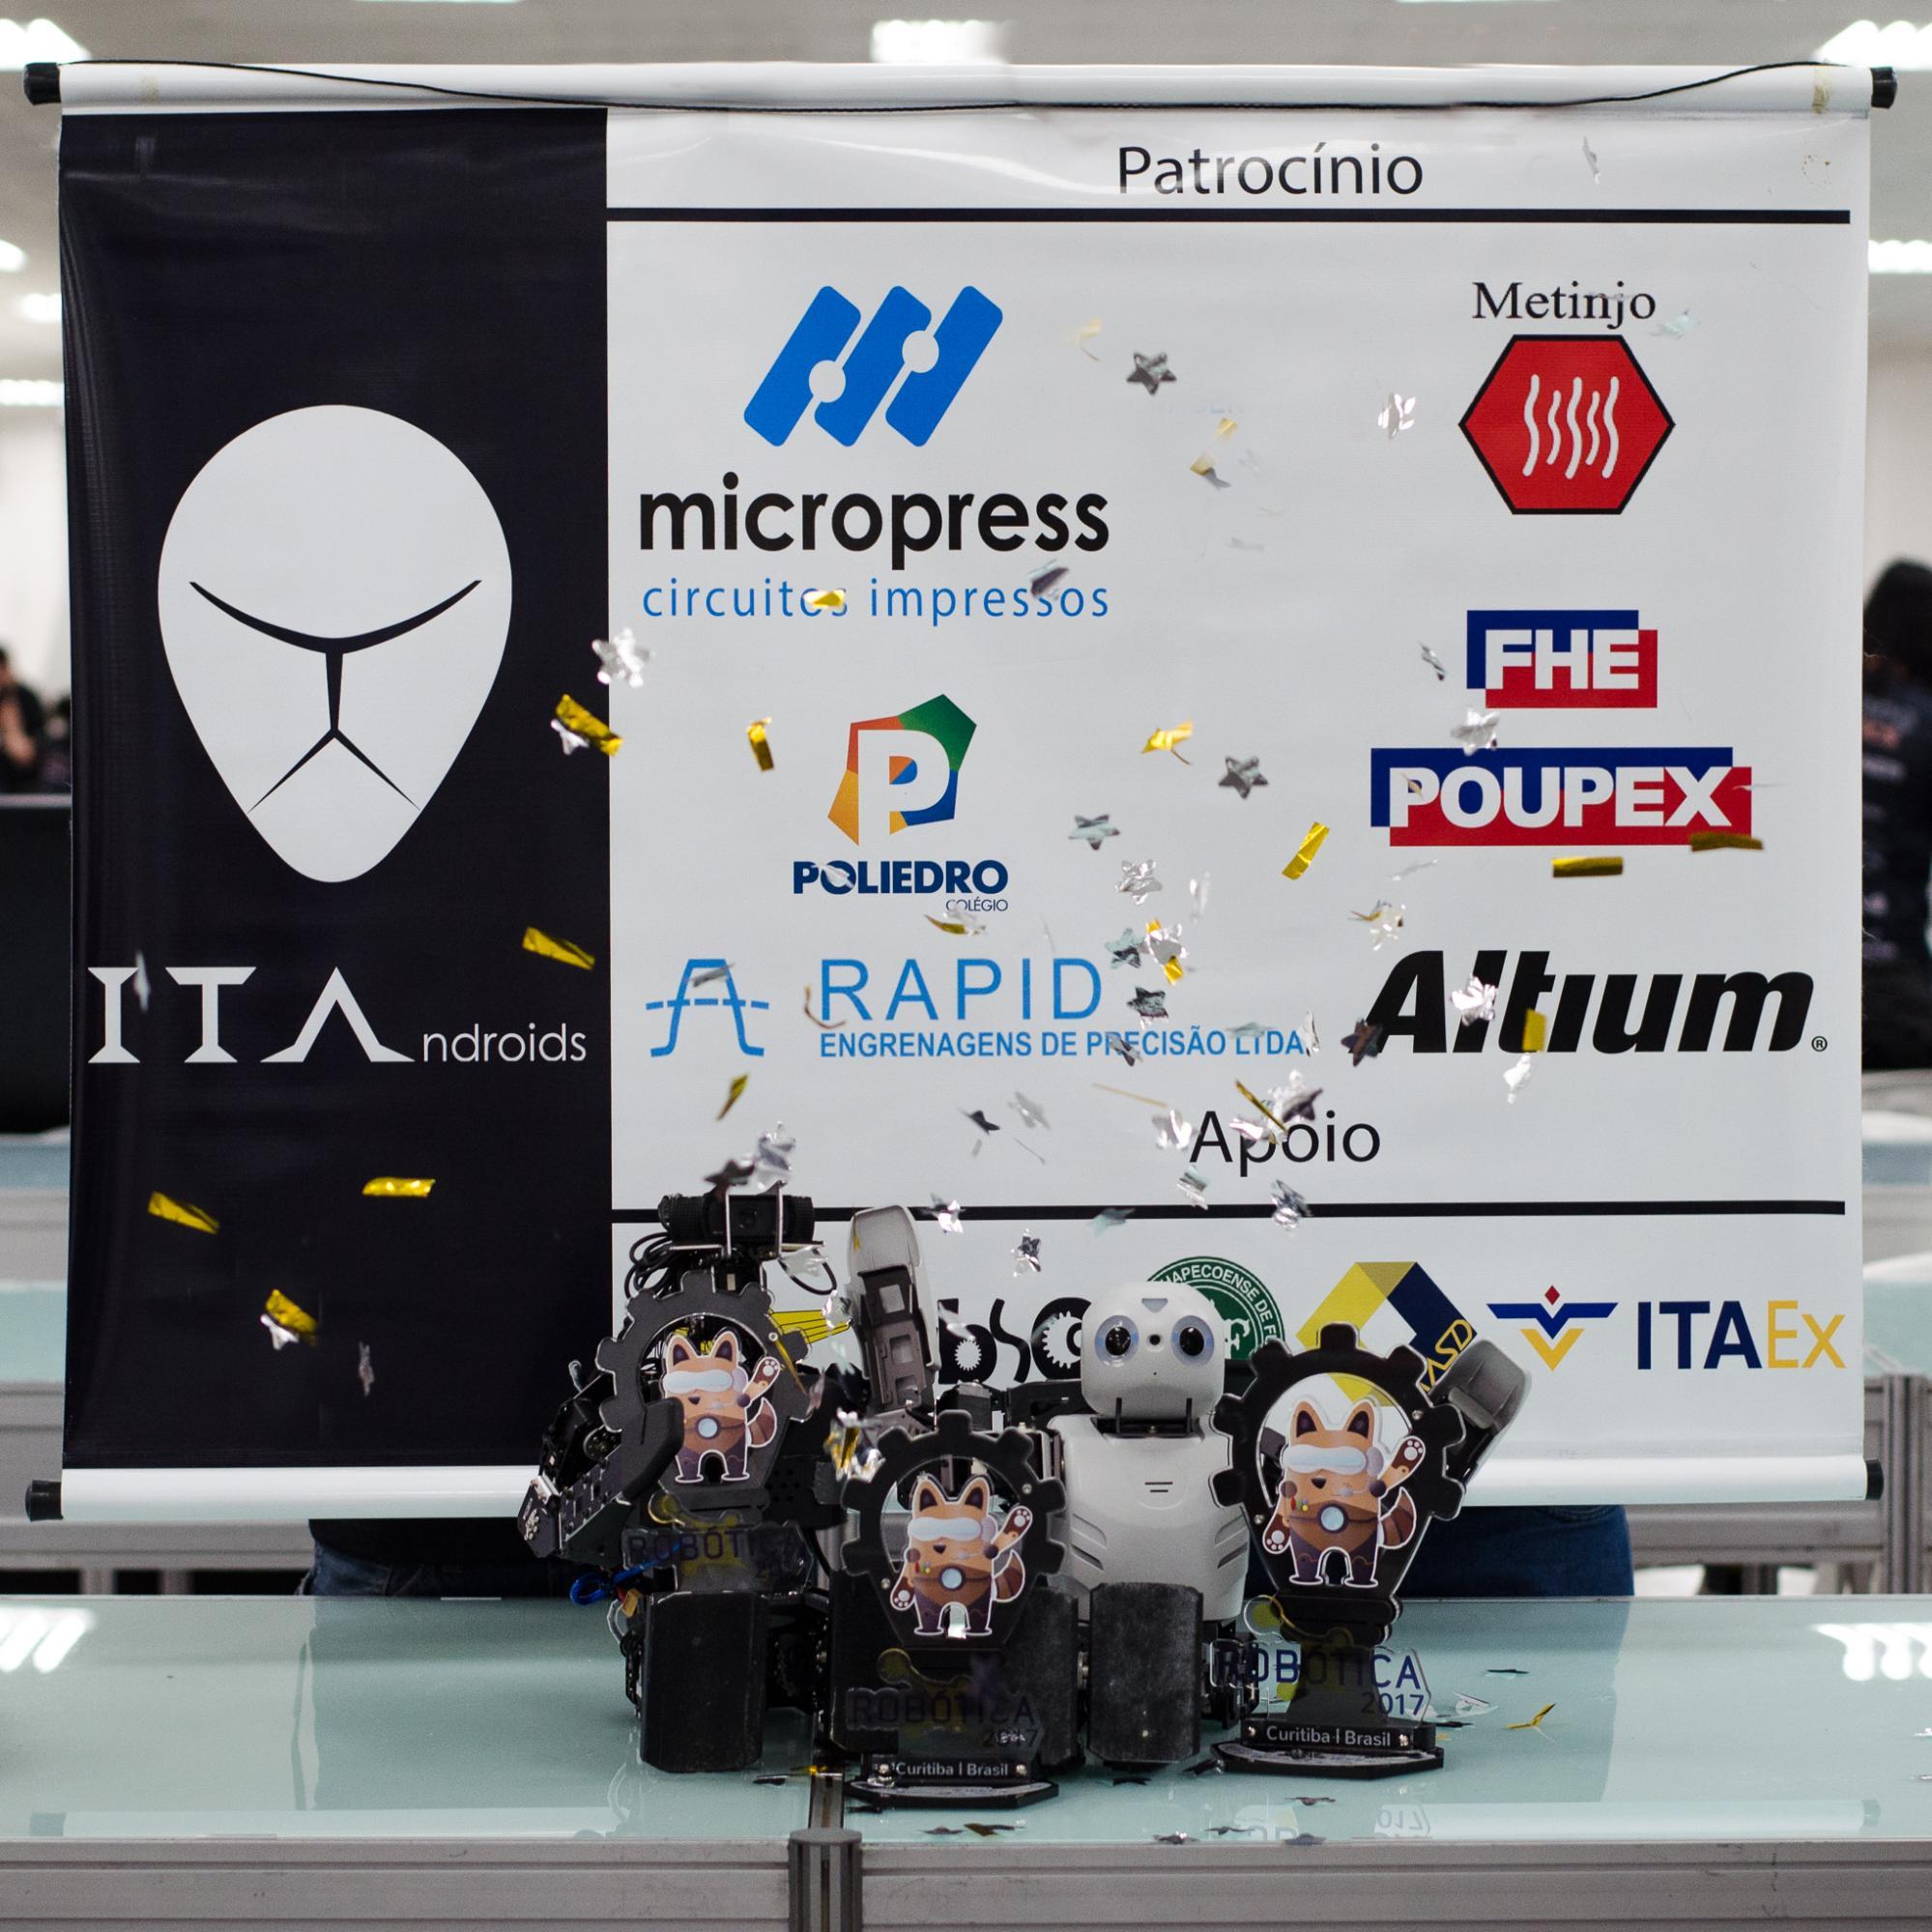 Roboter der Small-Klasse, gebaut vom ITAndroids-Team